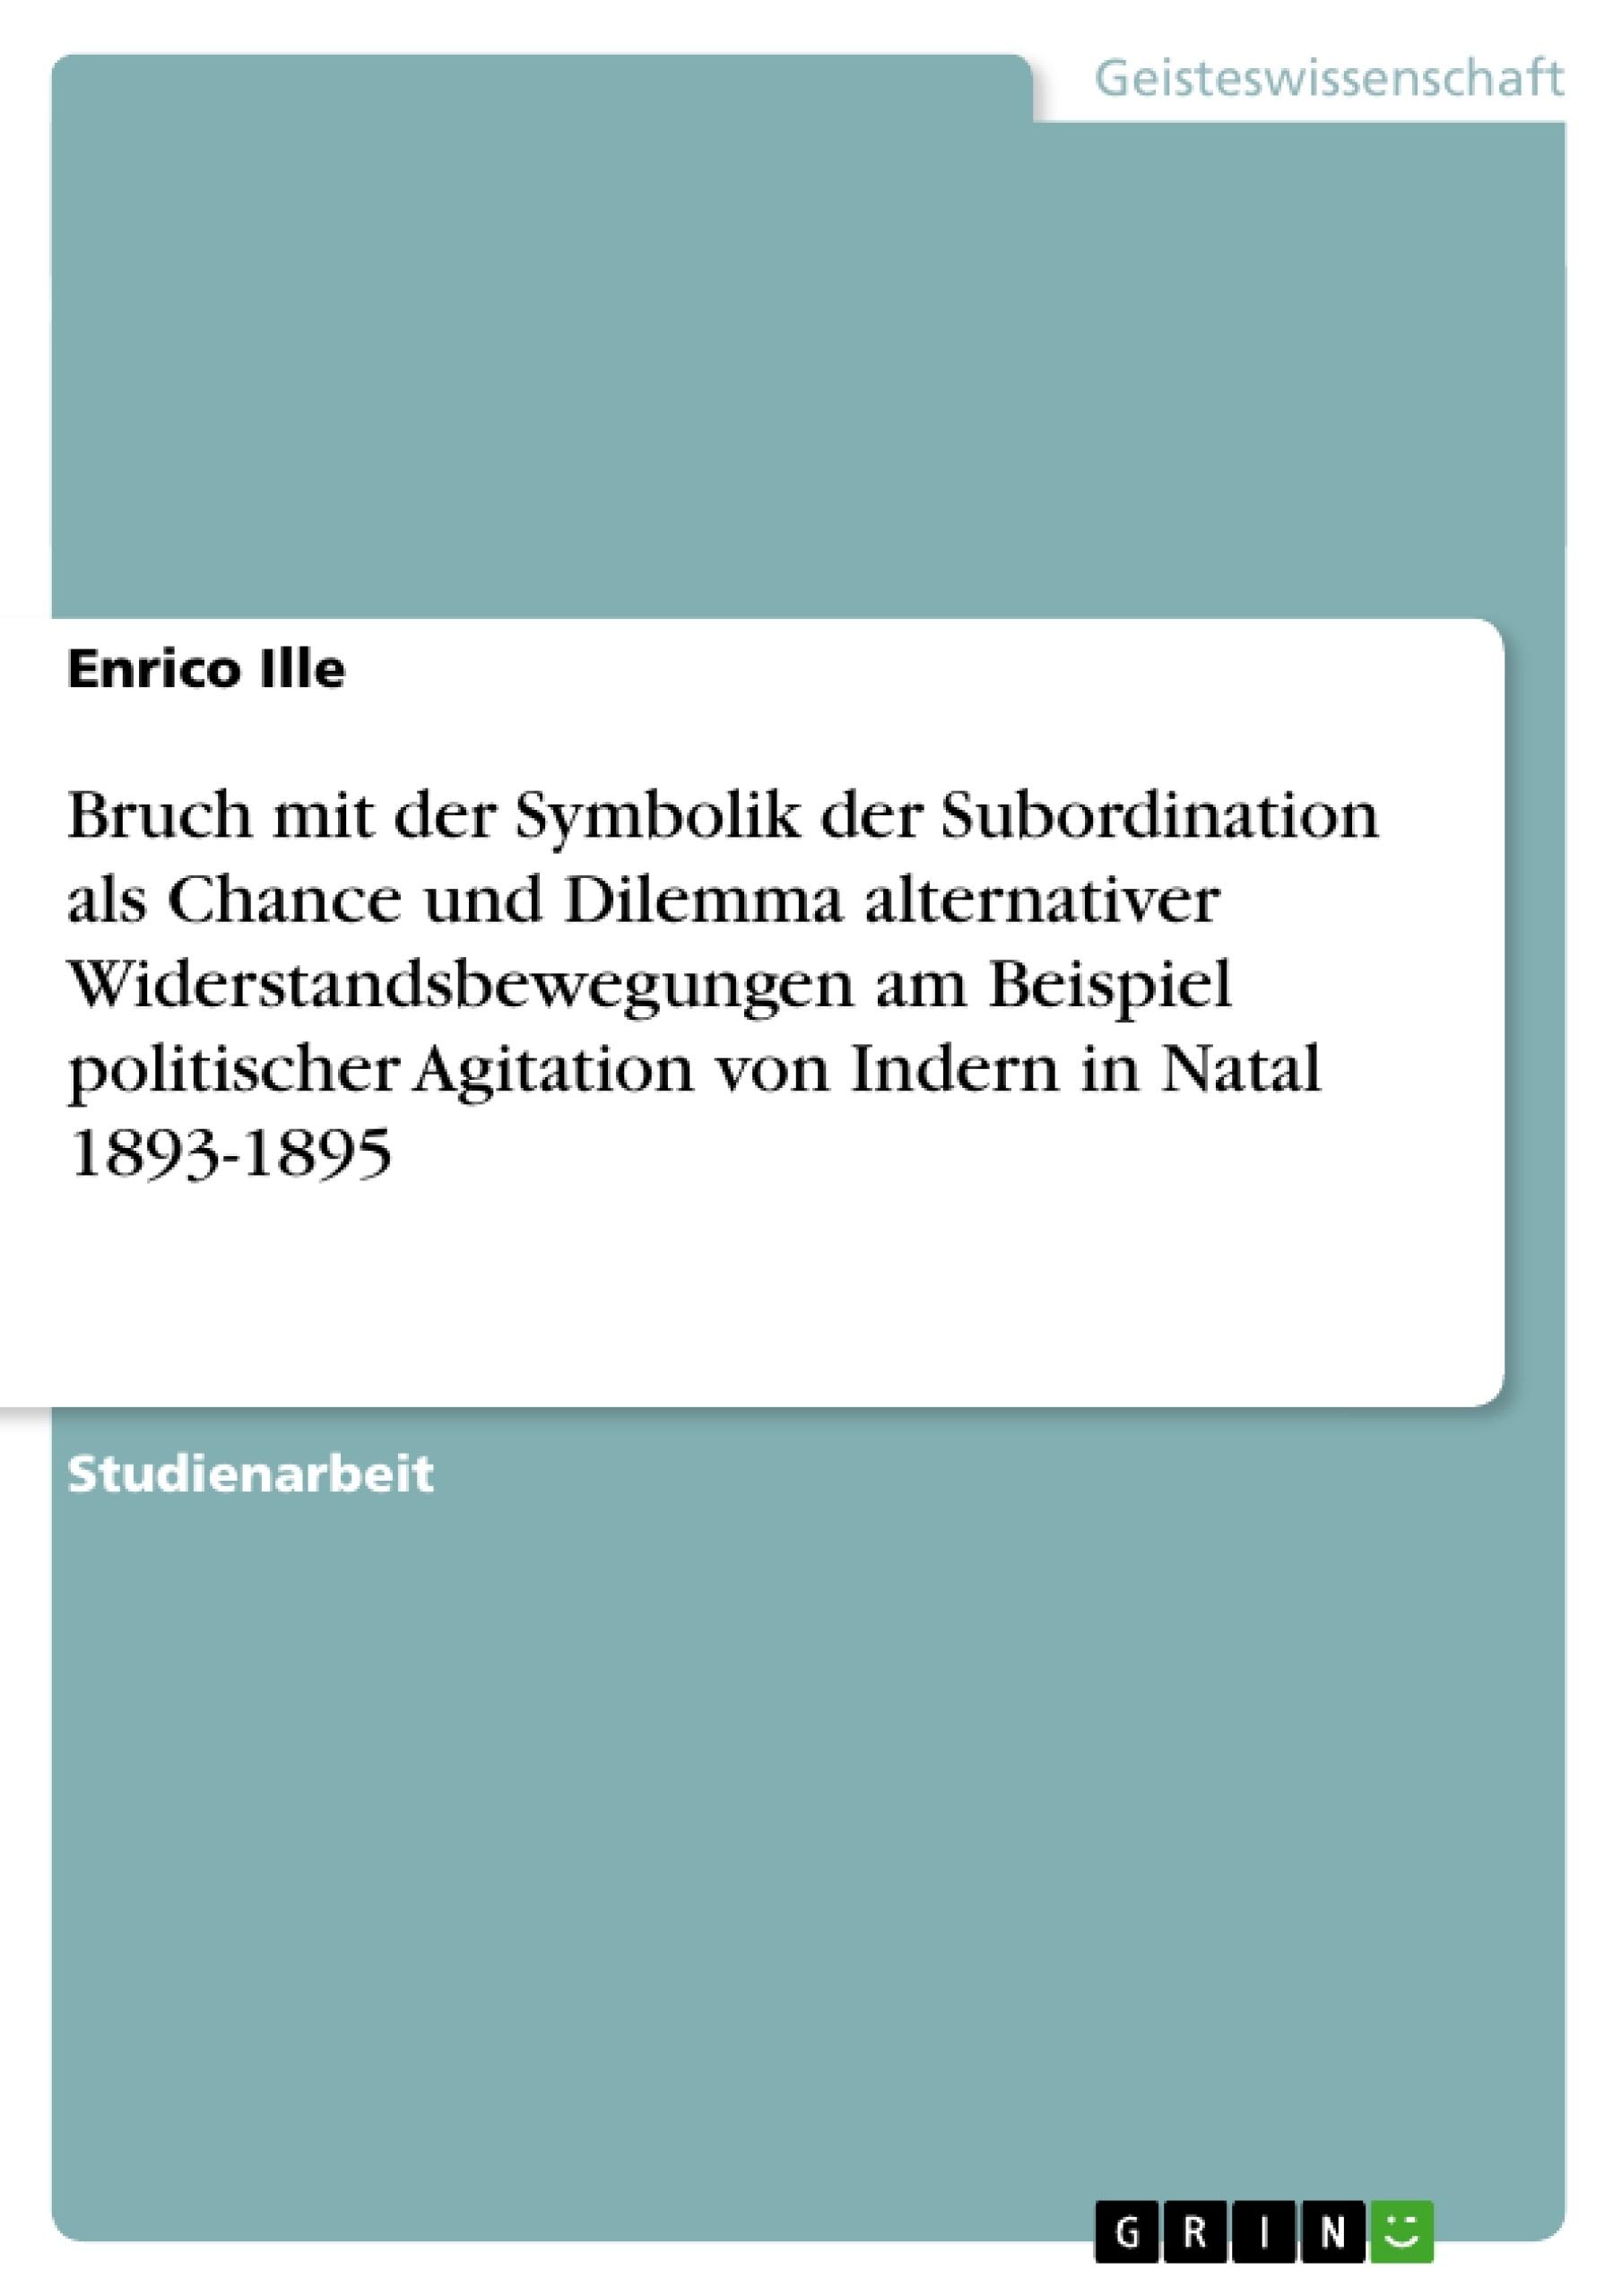 Titel: Bruch mit der Symbolik der Subordination als Chance und Dilemma alternativer Widerstandsbewegungen am Beispiel politischer Agitation von Indern in Natal 1893-1895